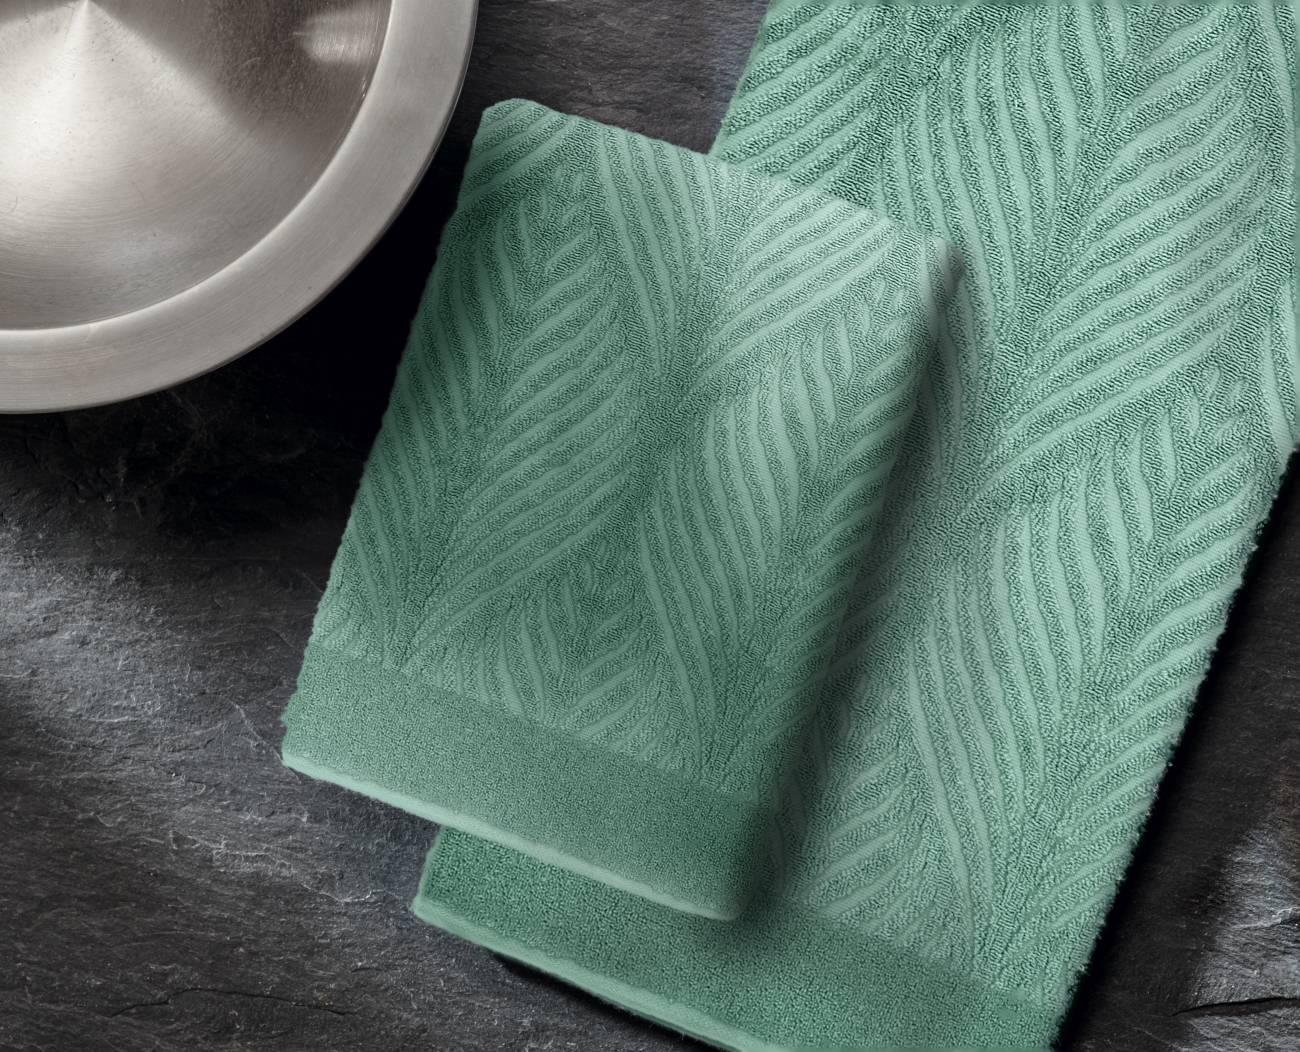 Duschtuch Leaf 100 % Baumwolle Schneeweiss 70x140 cm